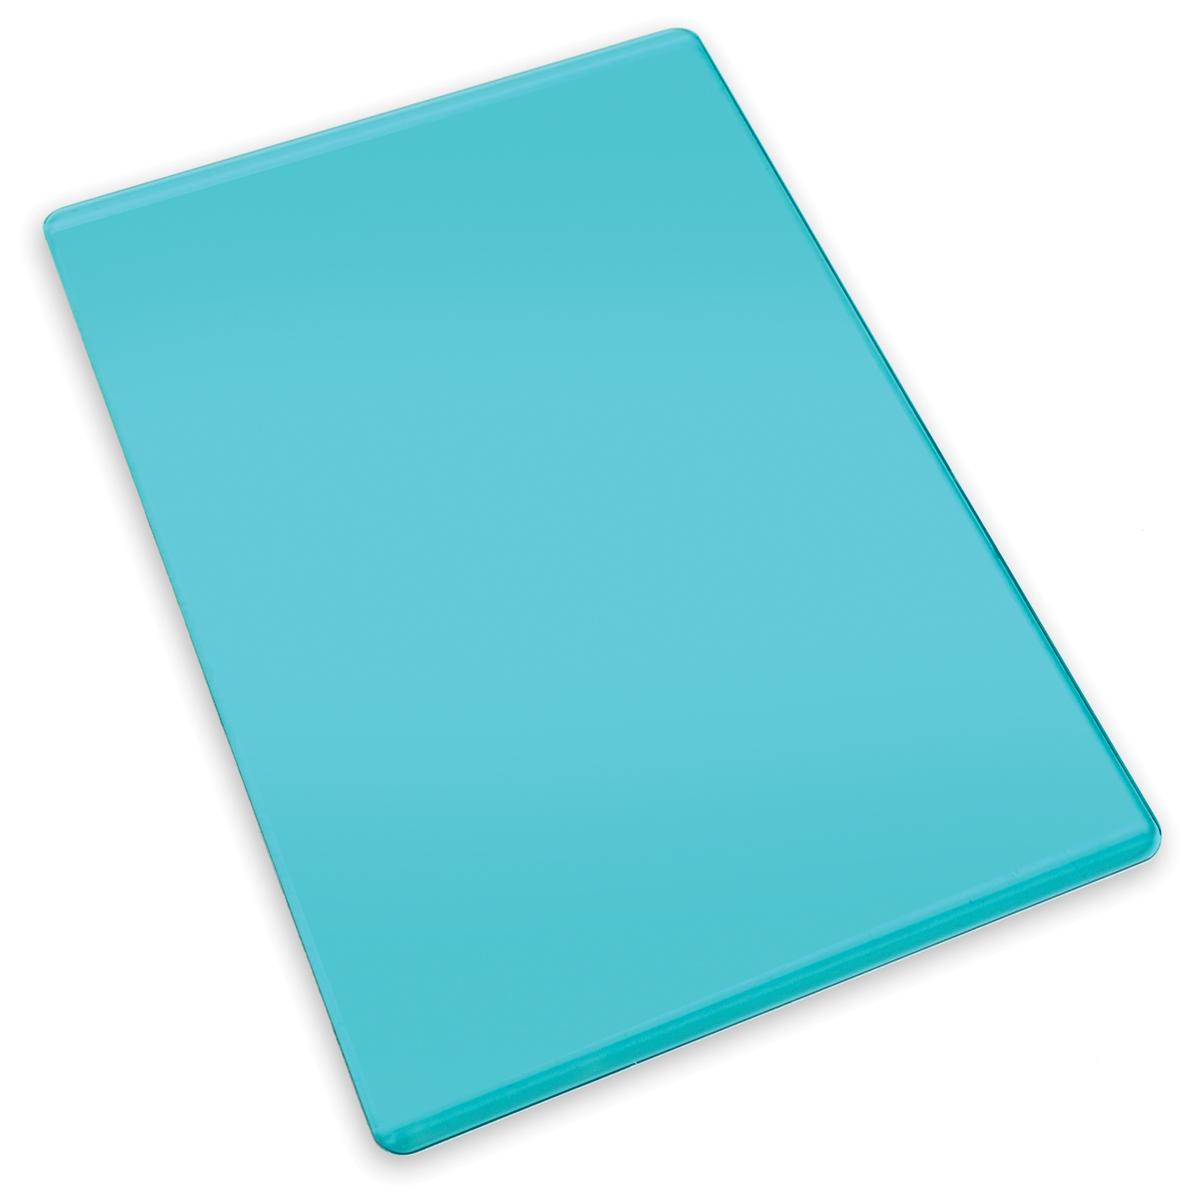 Sizzix - Standard Cutting Pads, Mint, 2PK